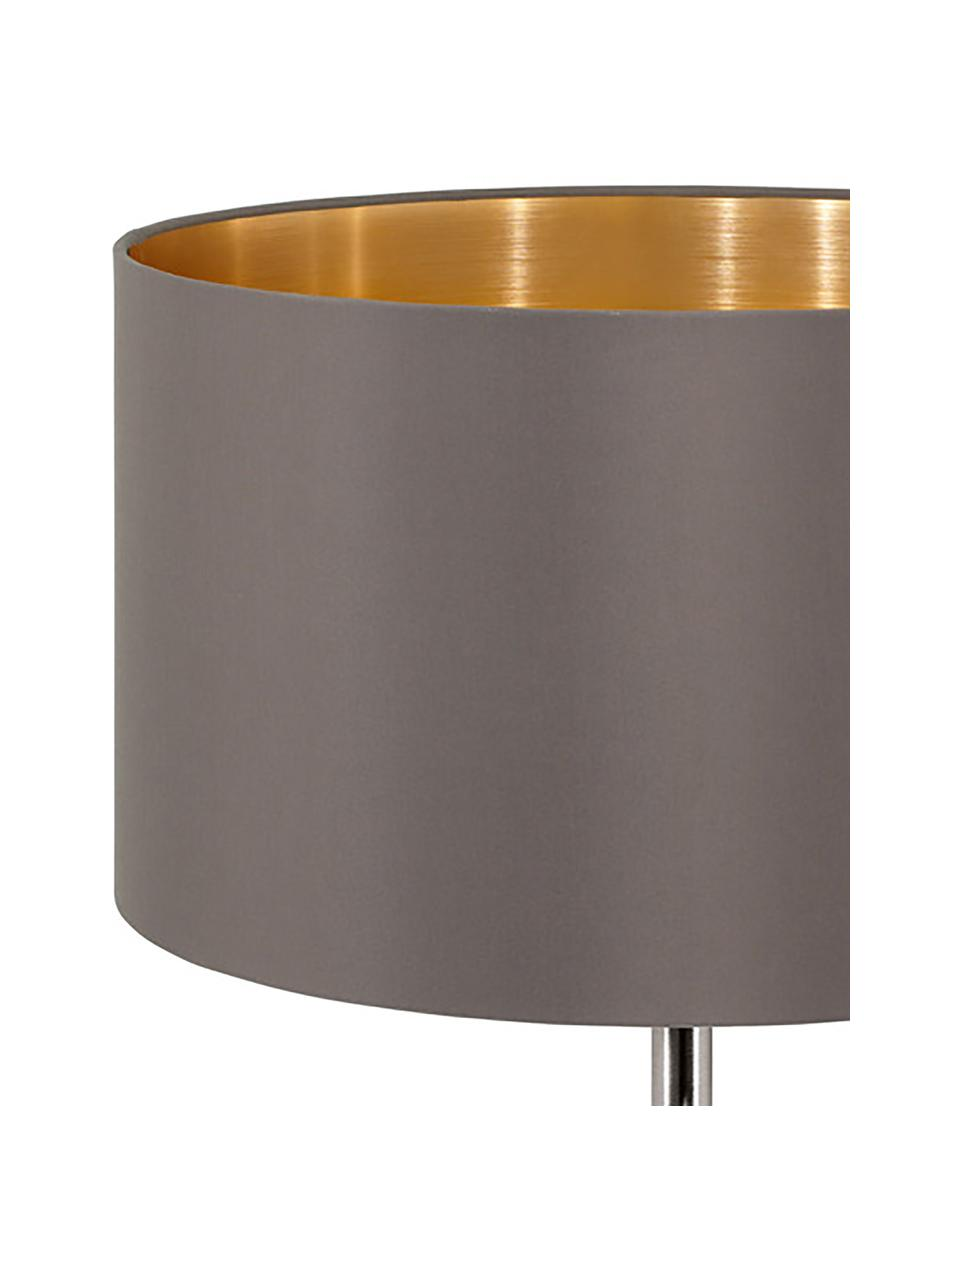 Tischlampe Jamie mit Gold-Dekor, Lampenfuß: Metall, vernickelt, Grau-Beige,Silberfarben, Ø 23 x H 42 cm